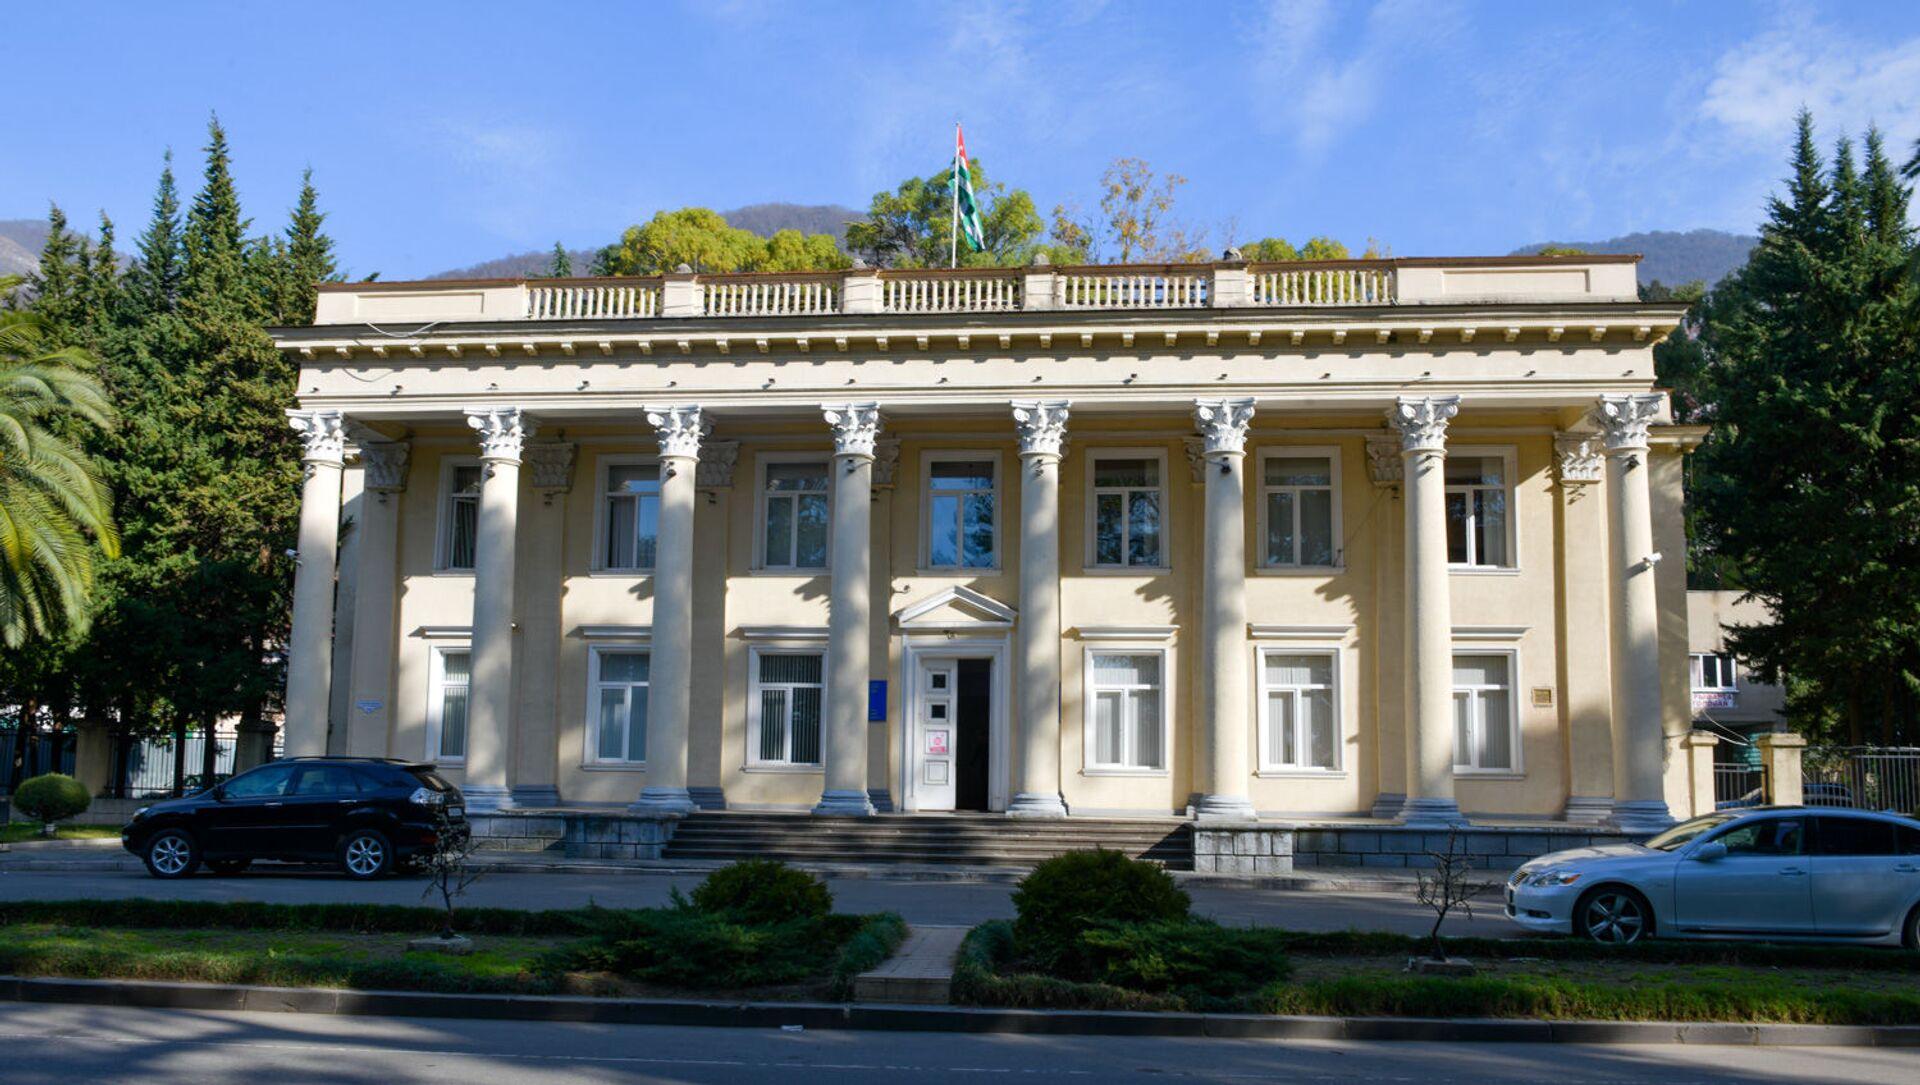 Администрация гагры  - Sputnik Абхазия, 1920, 16.09.2021